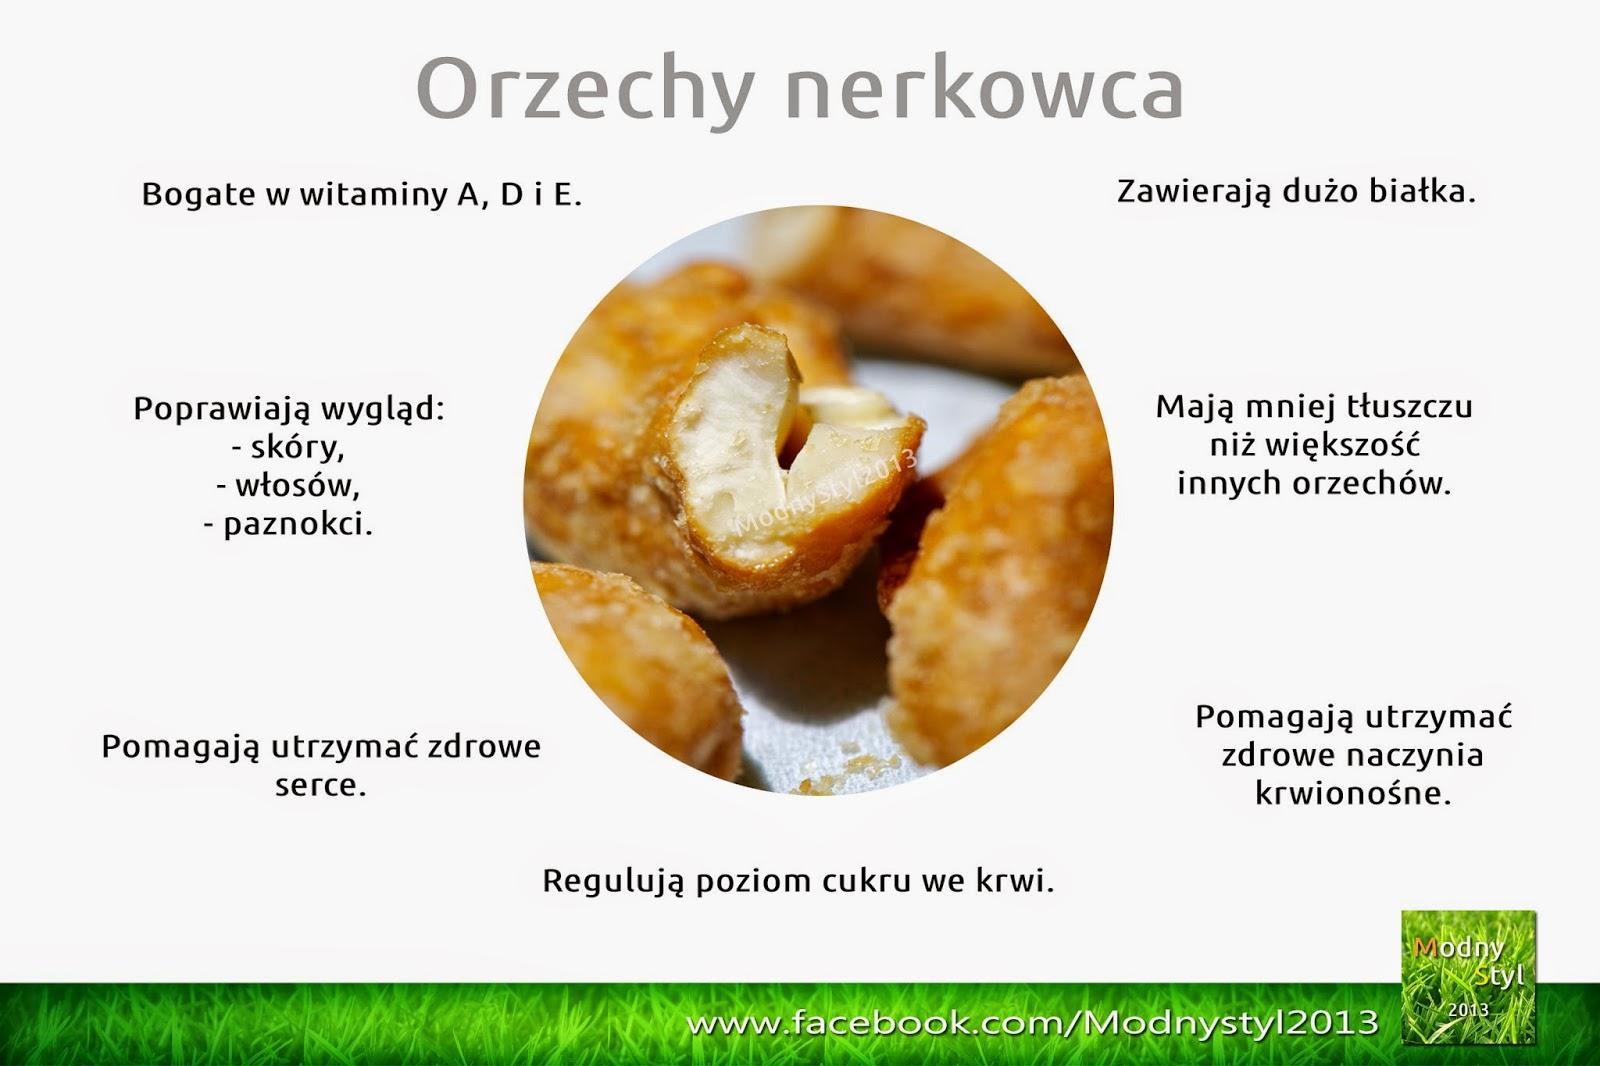 Orzechy nerkowca